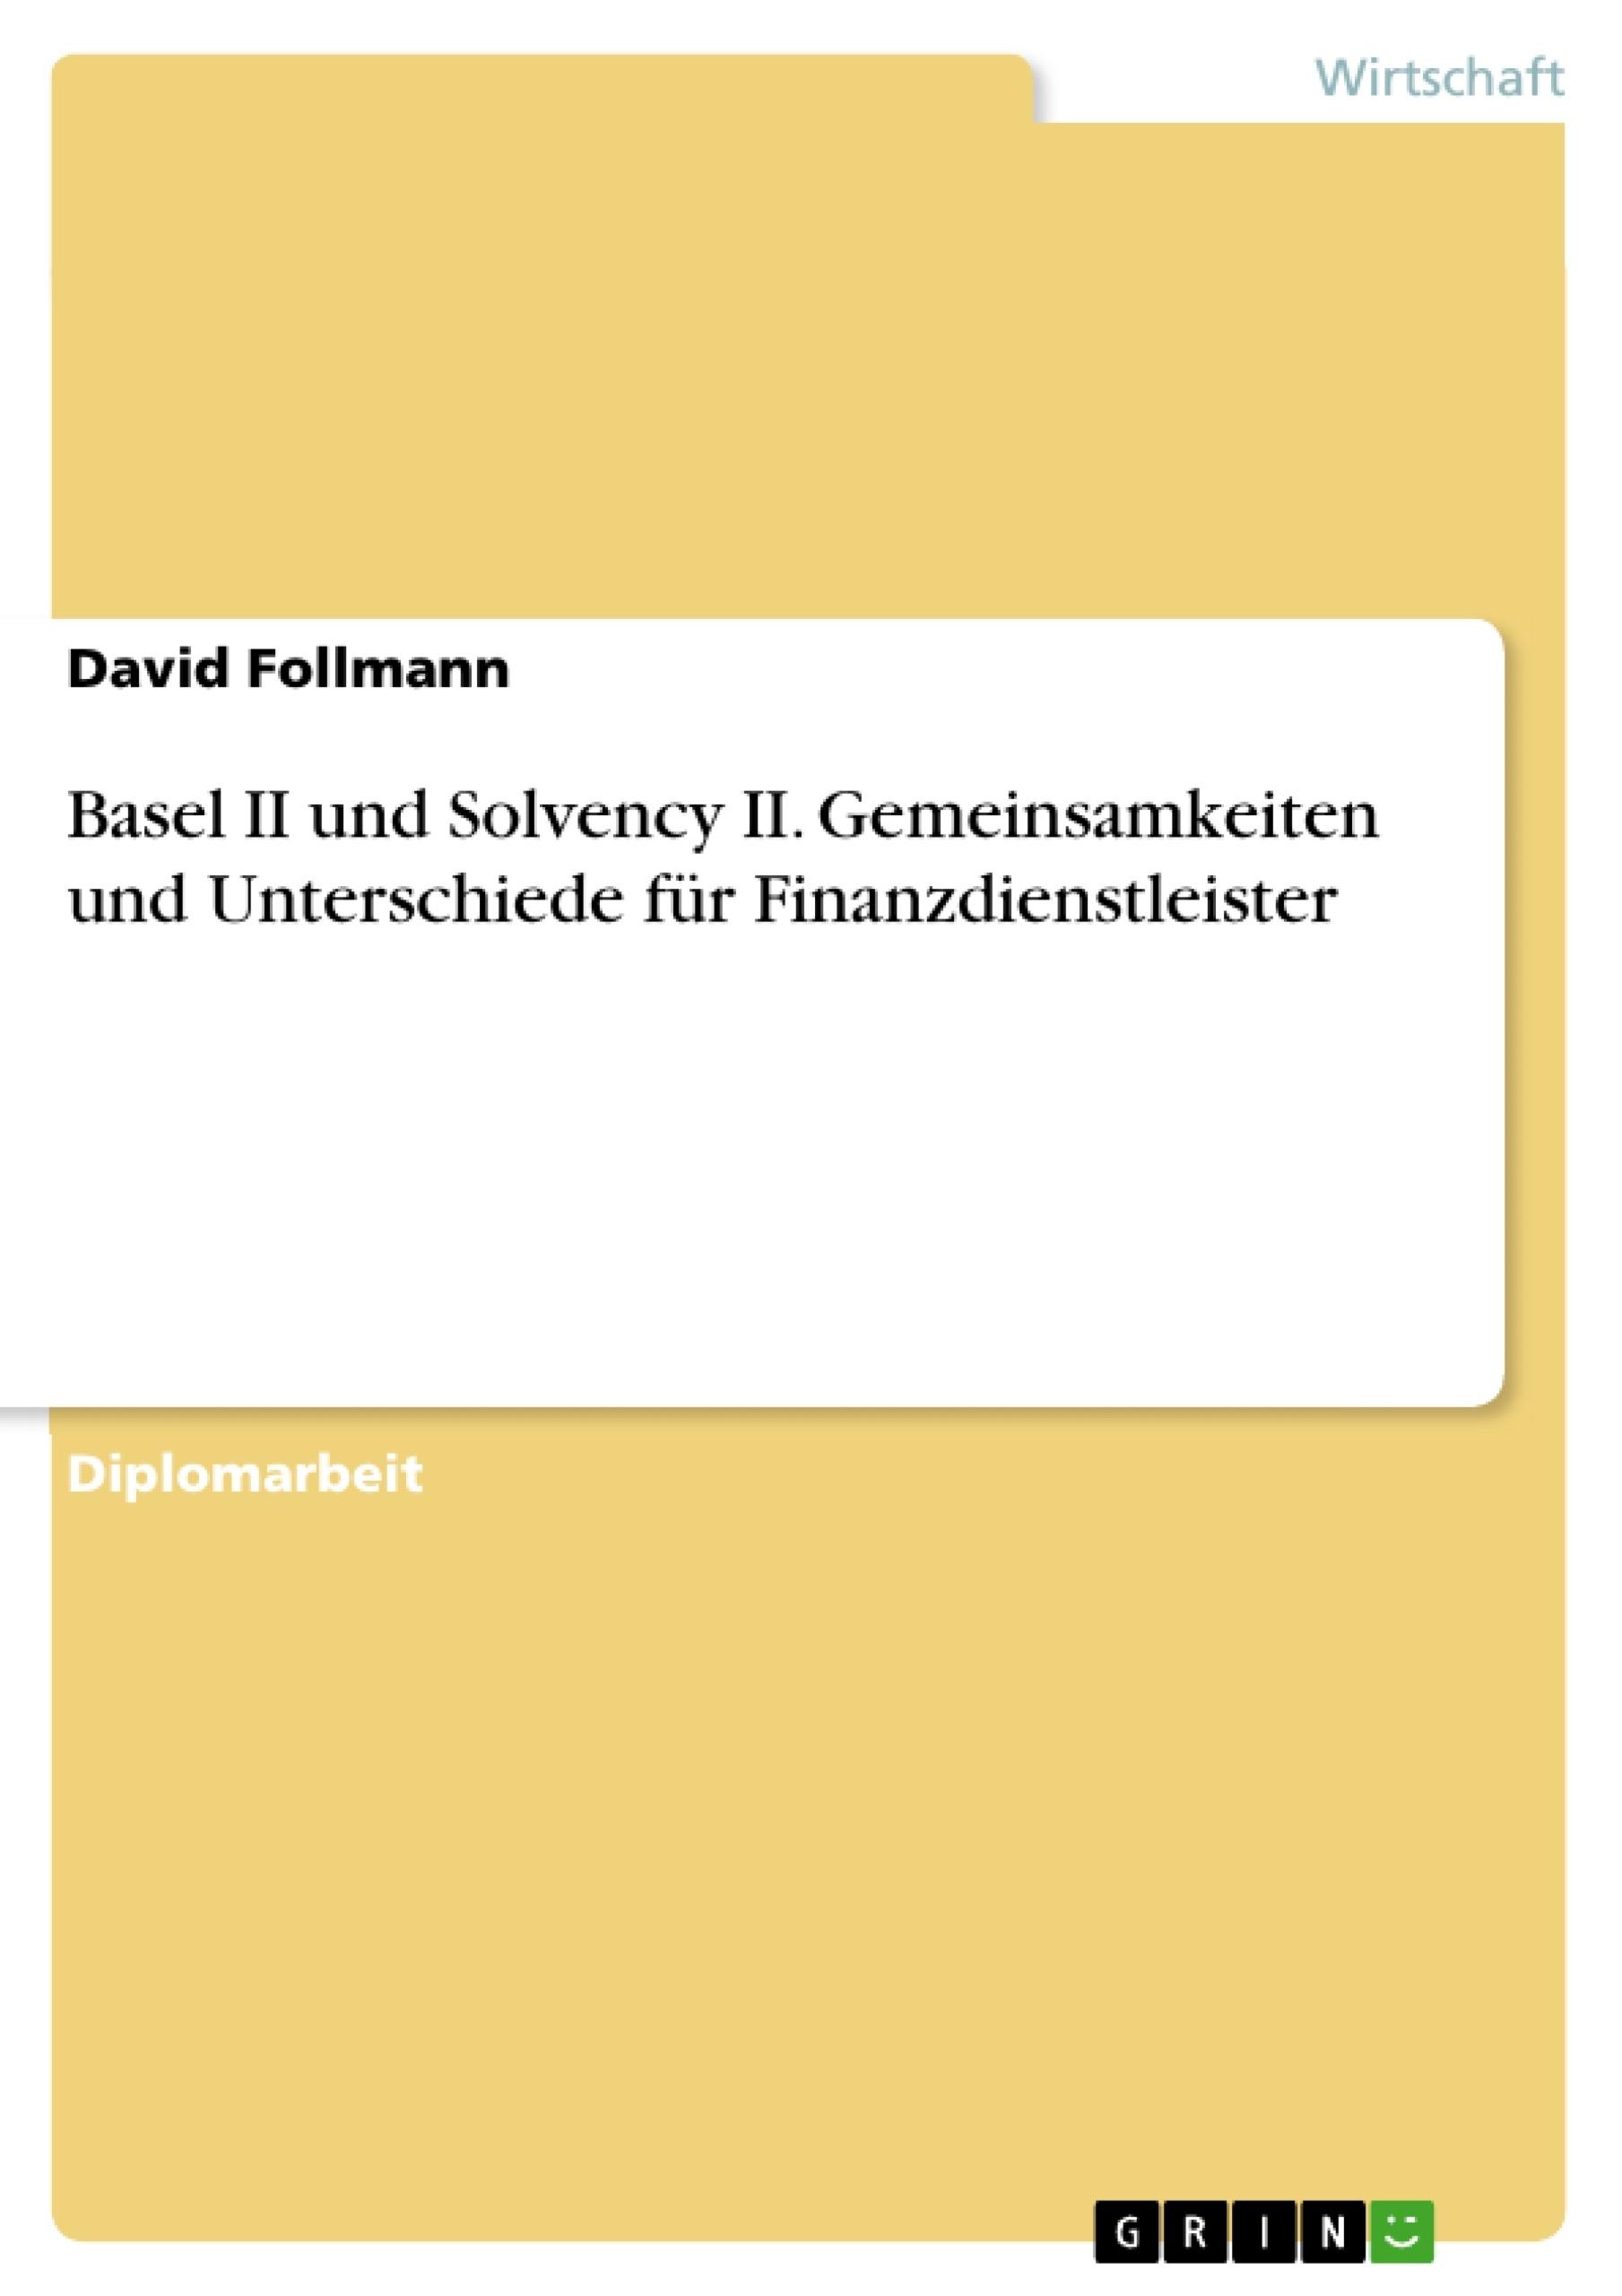 Titel: Basel II und Solvency II. Gemeinsamkeiten und Unterschiede für Finanzdienstleister